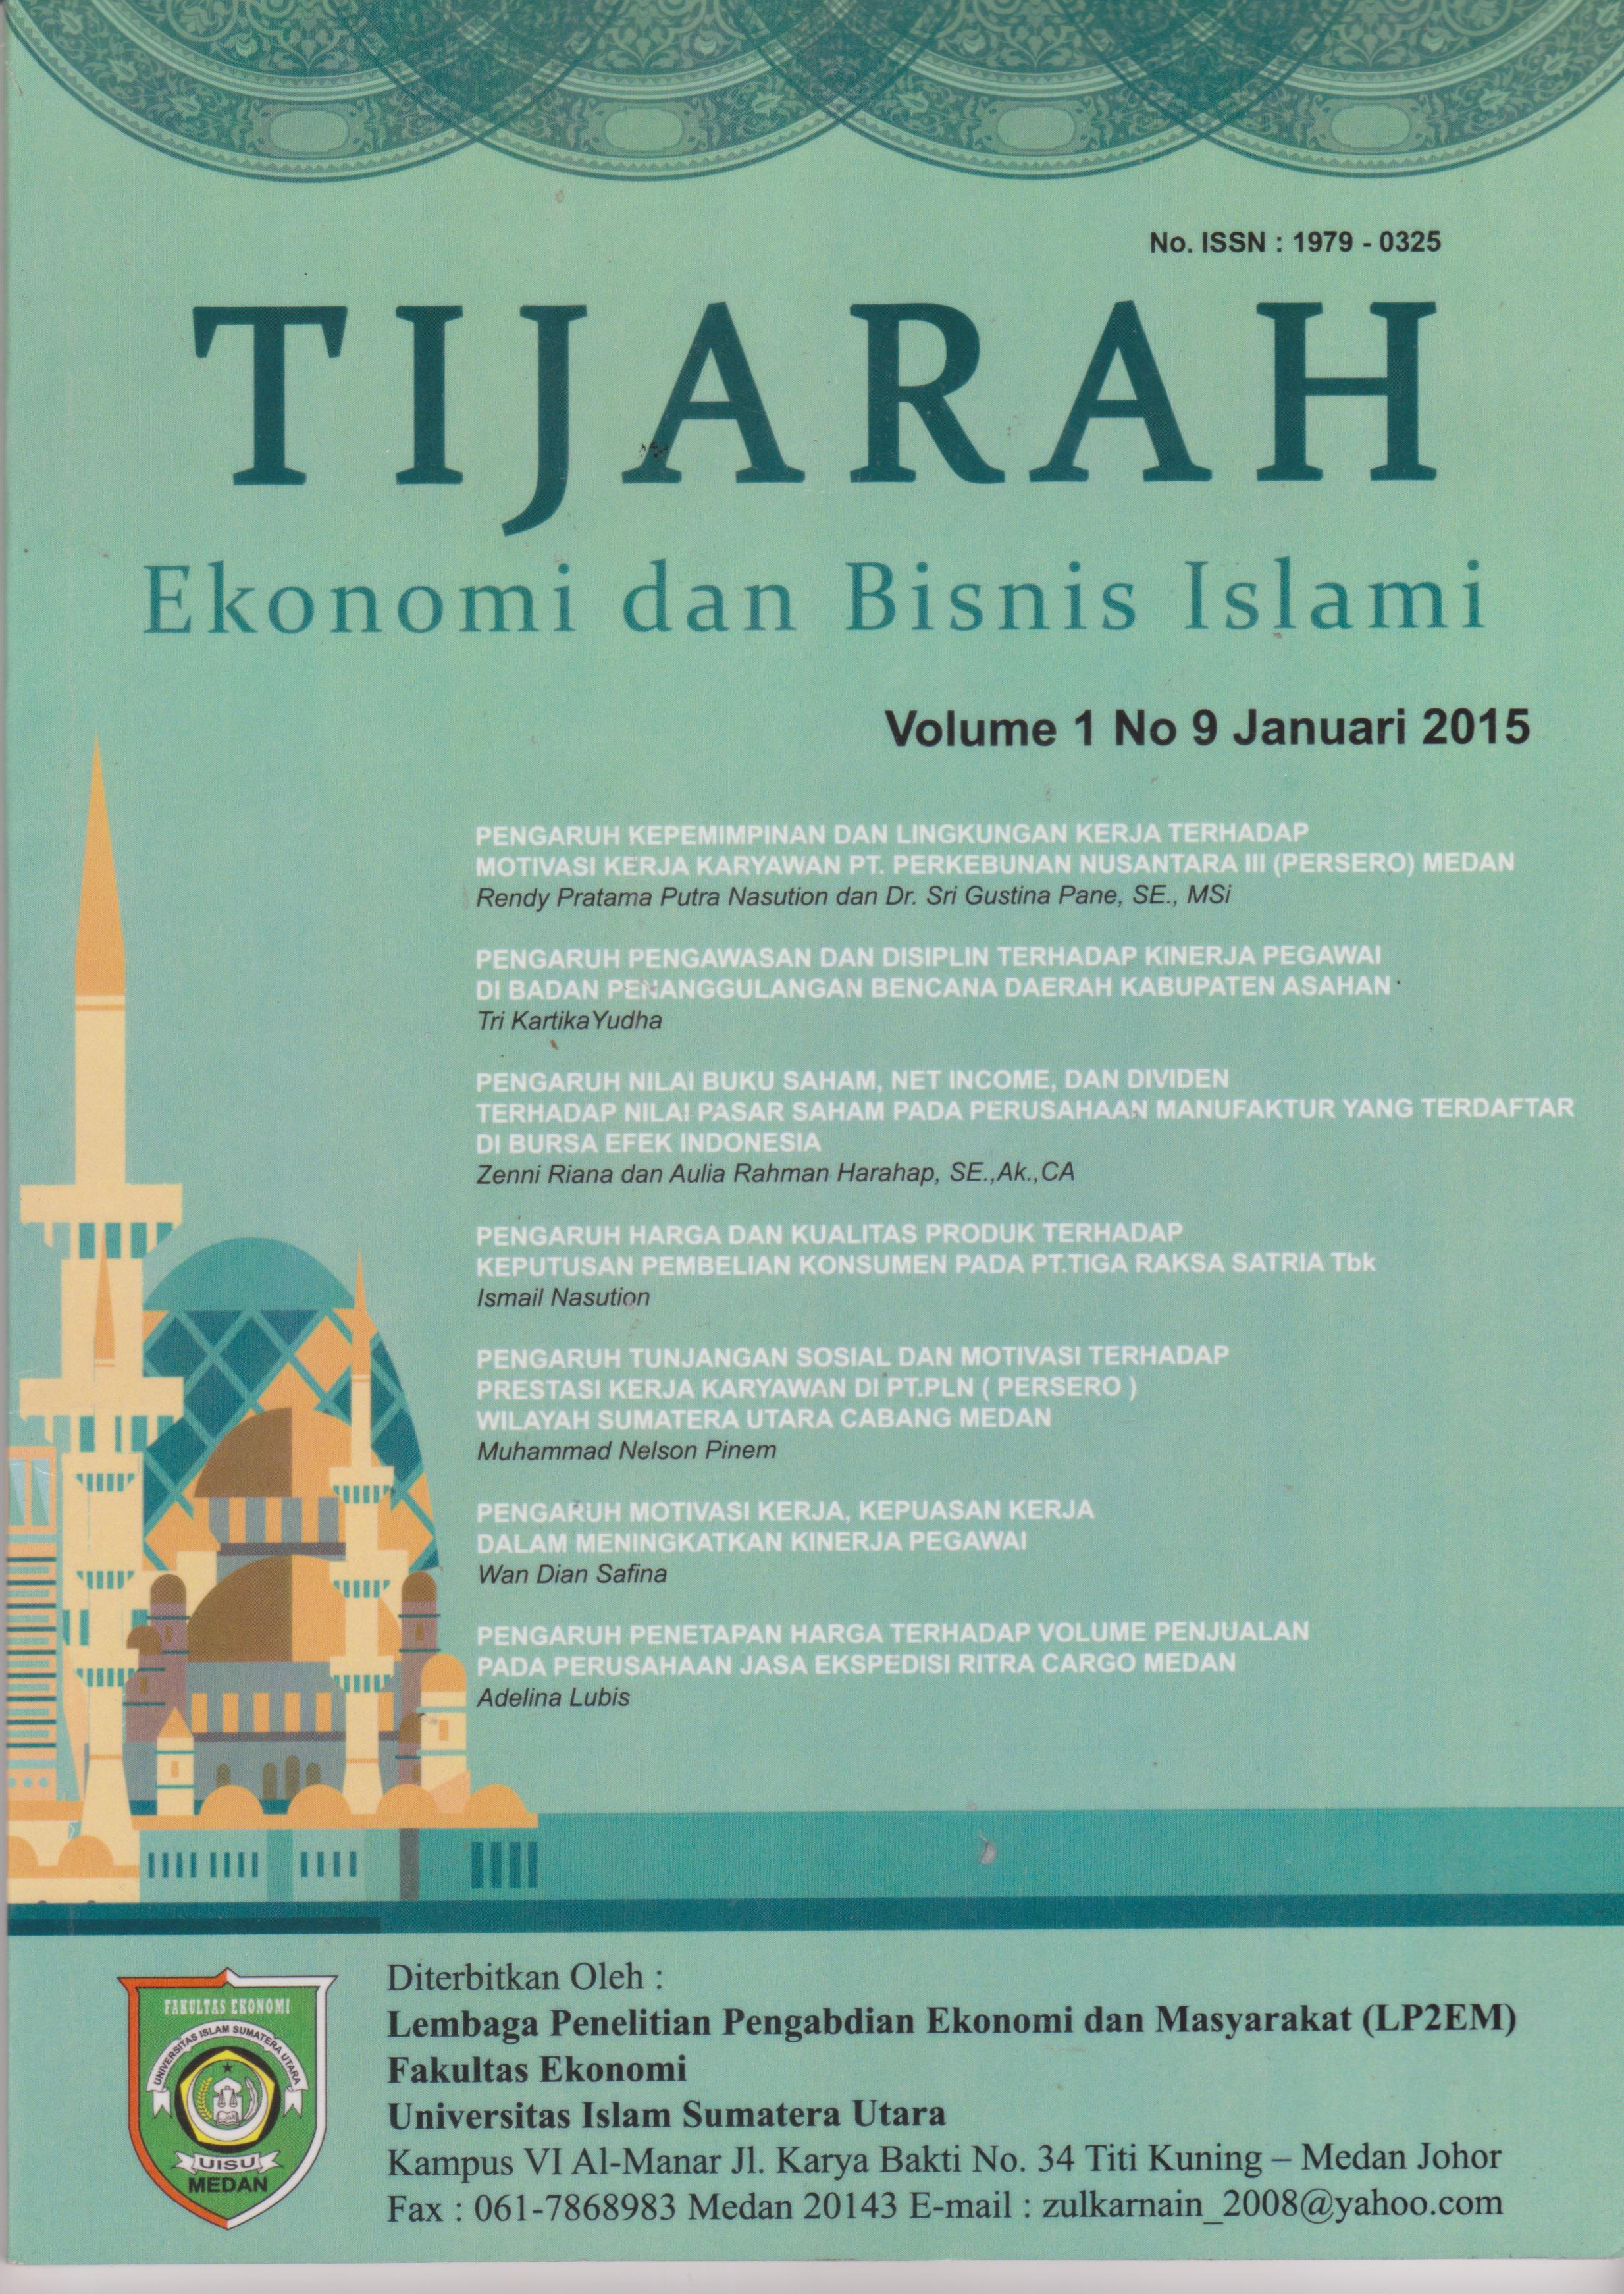 Tijarah: Ekonomi dan Bisnis Islami